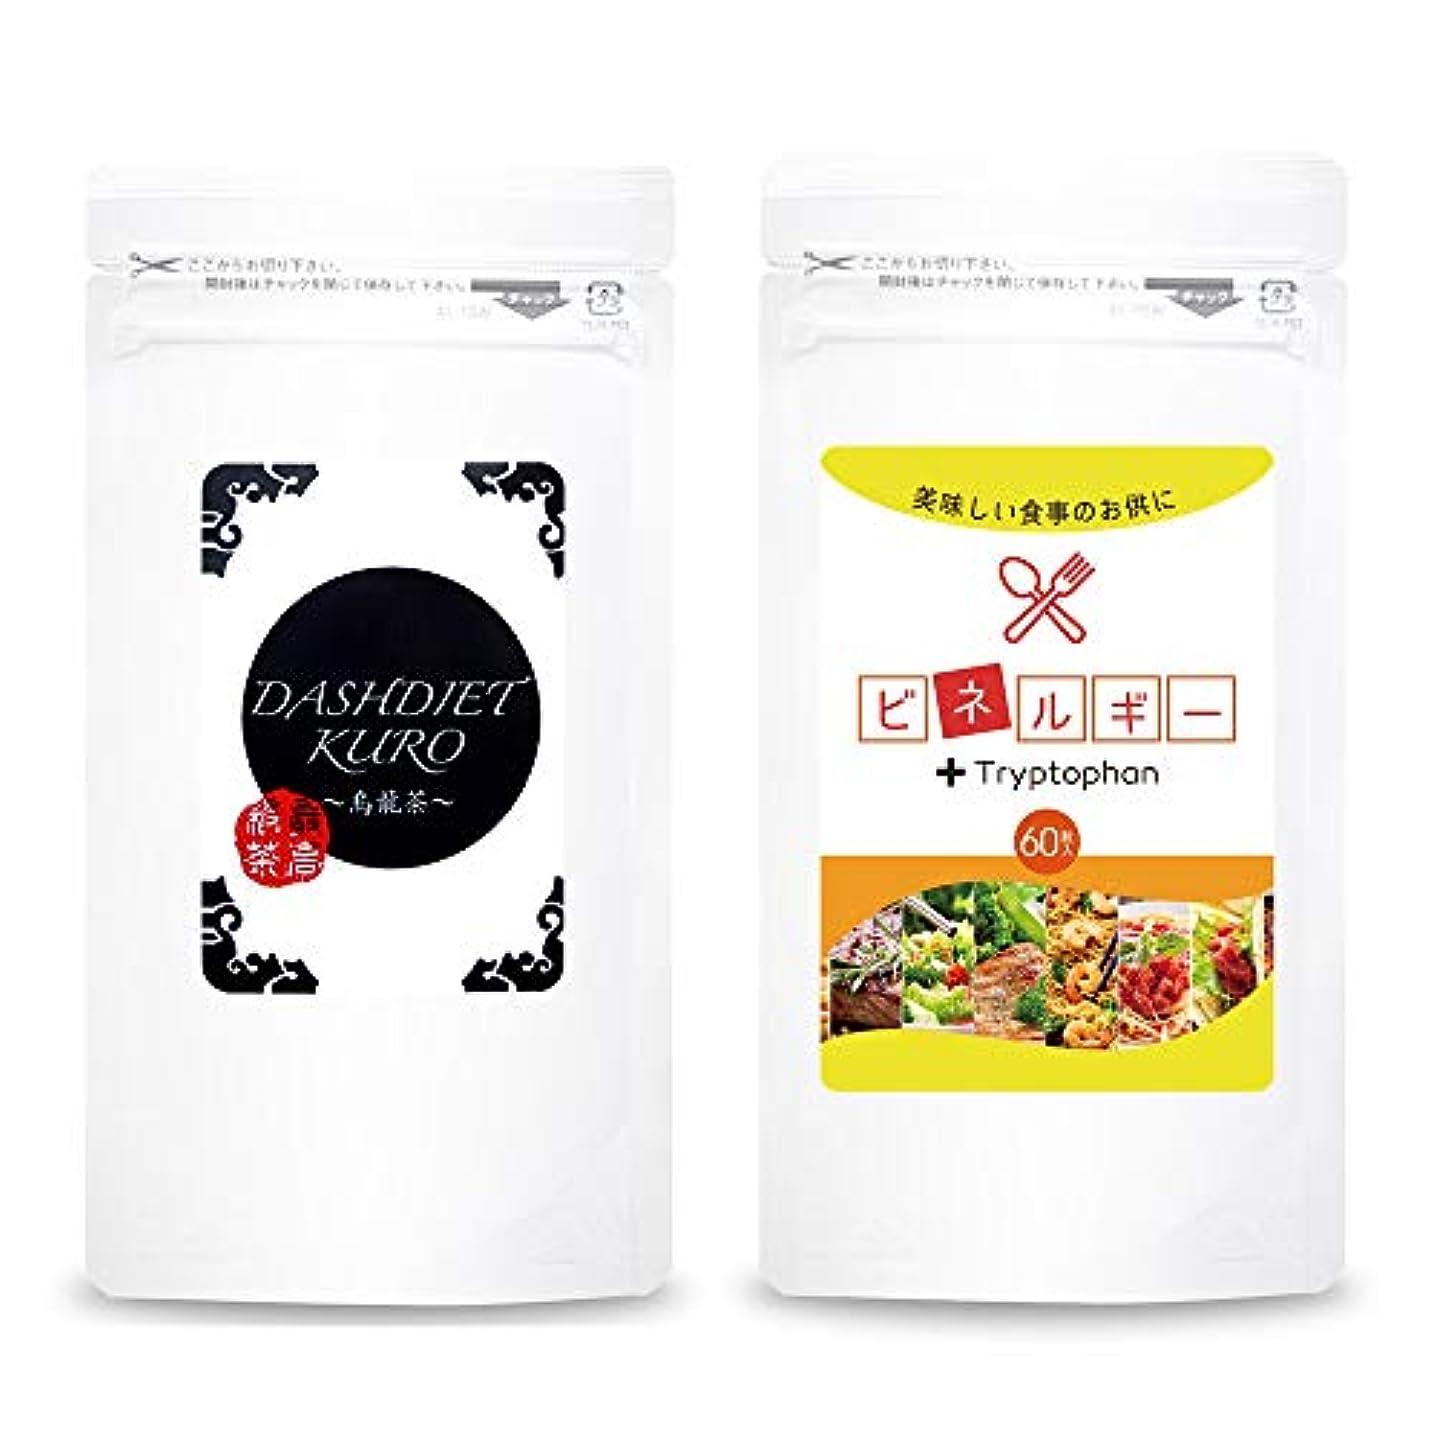 外部警告秘密のビネルギー & DASHDIET-KURO烏龍茶 燃焼系 サプリメントセット 寝ている間に ダイエット